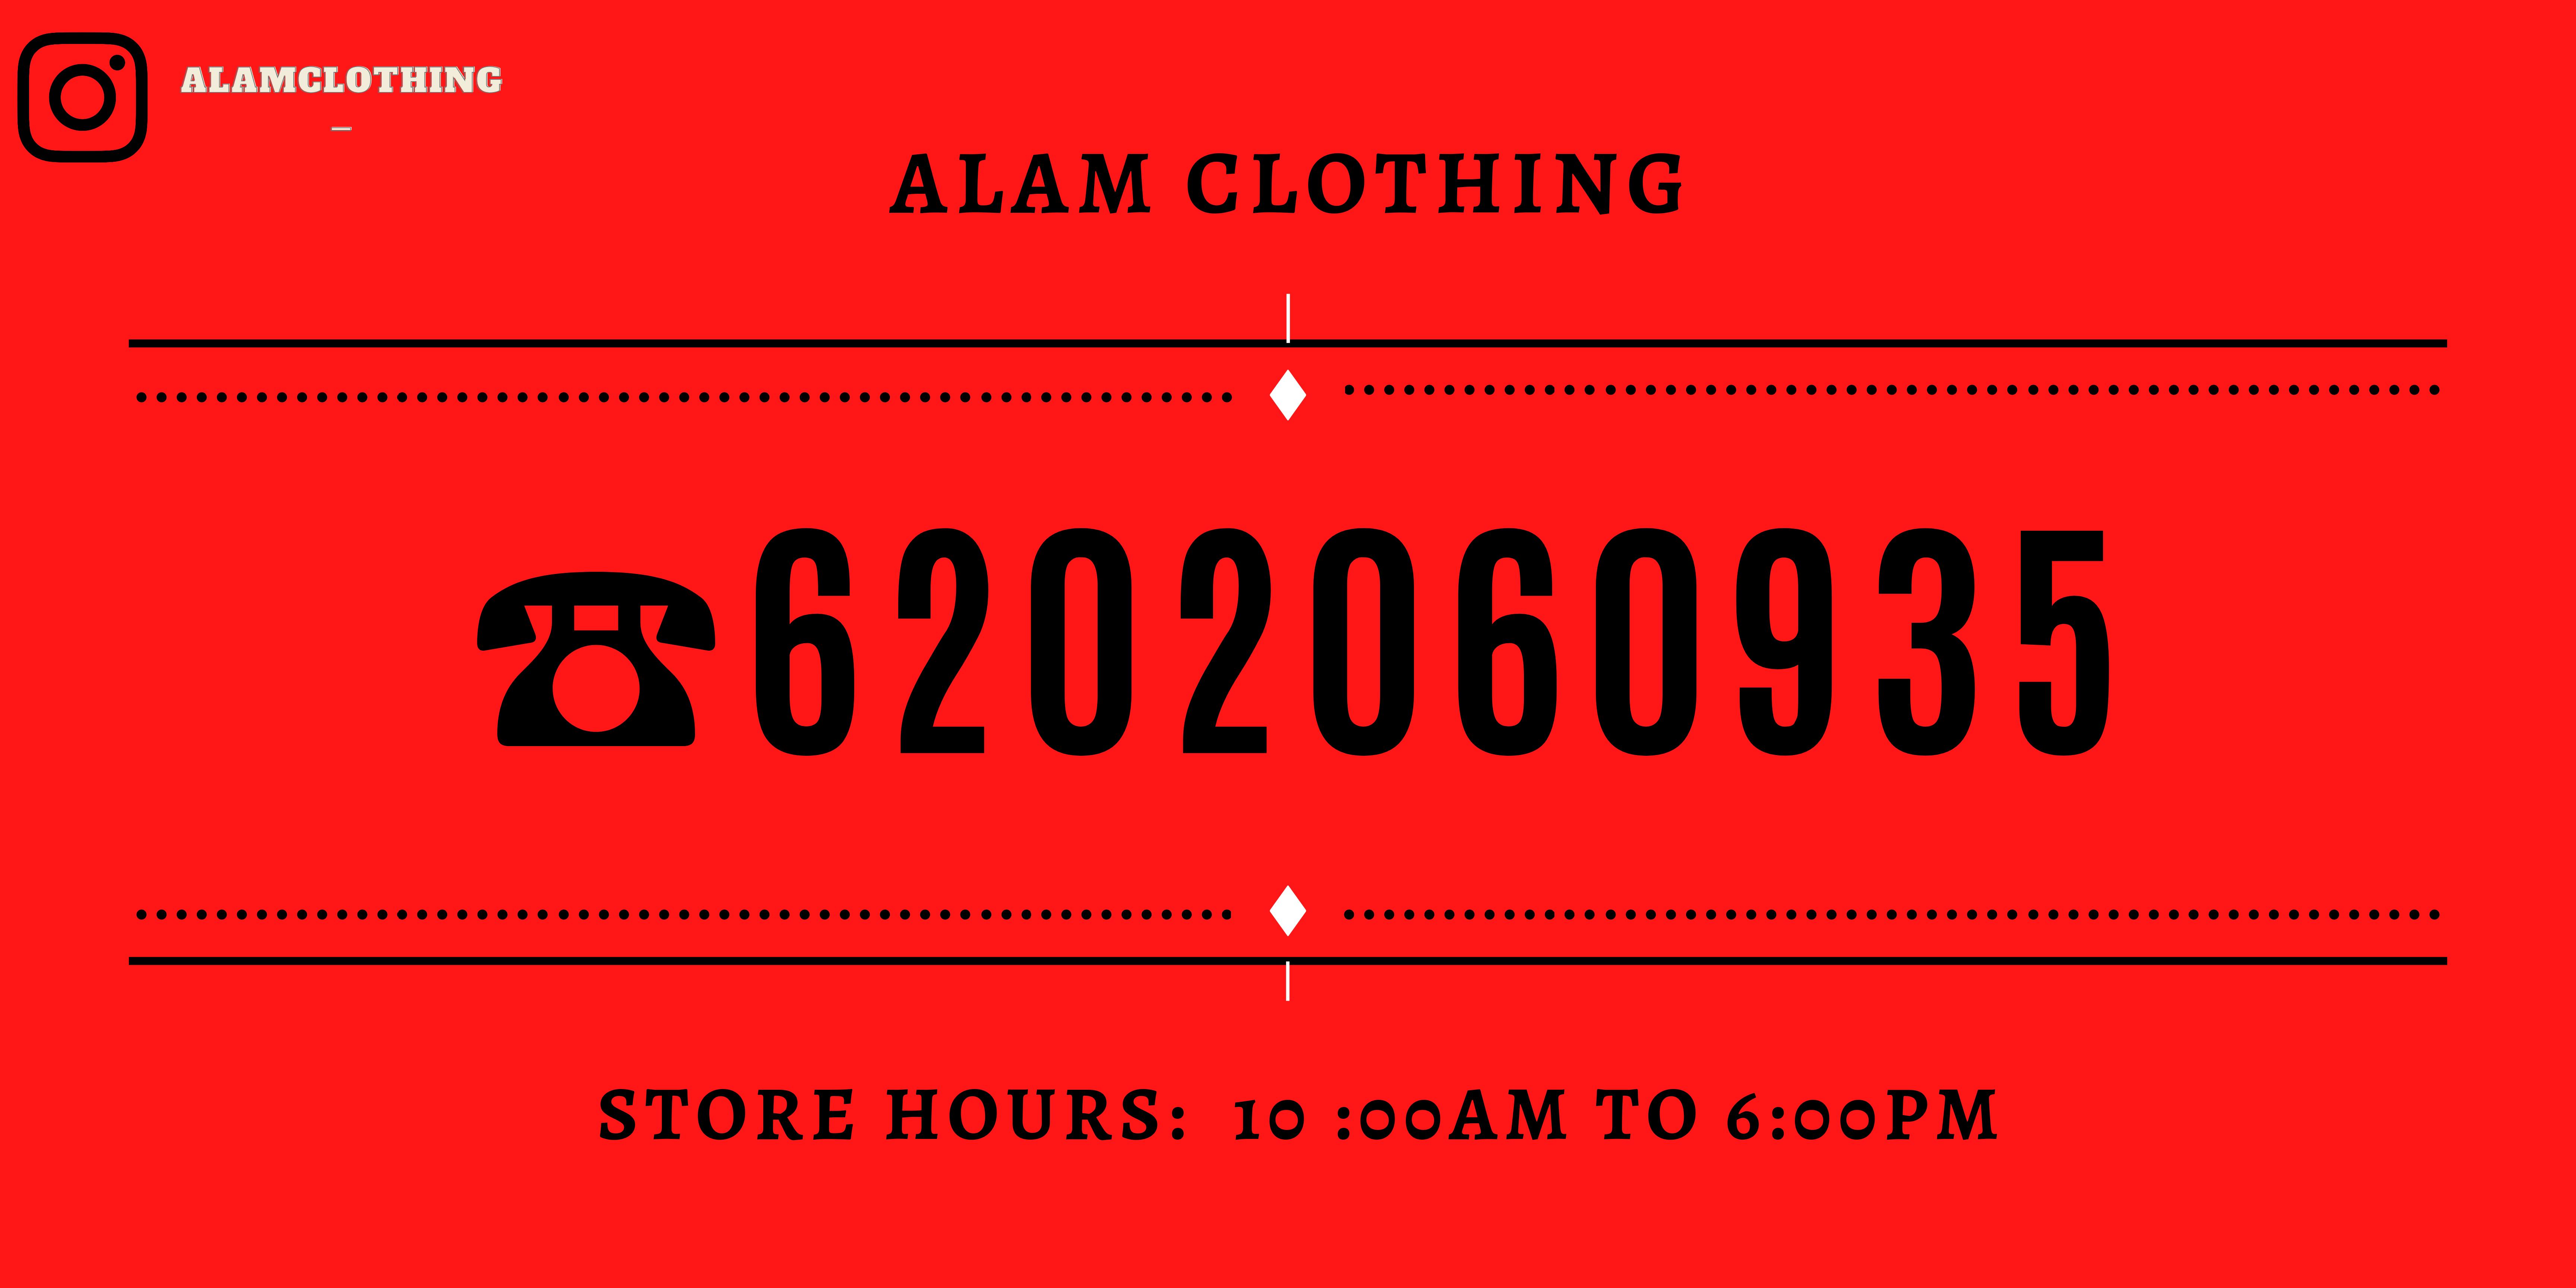 Alam clothing in Howrah